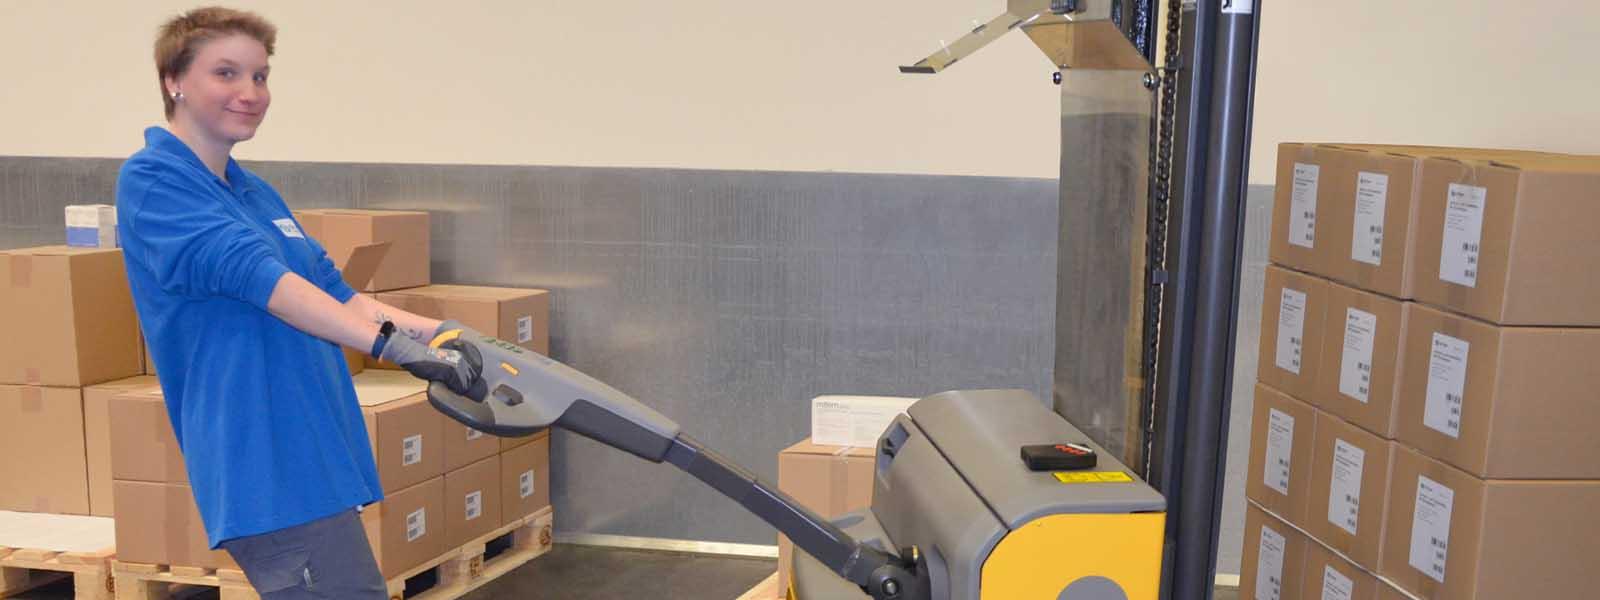 arbeitsfeld lager und verpackung